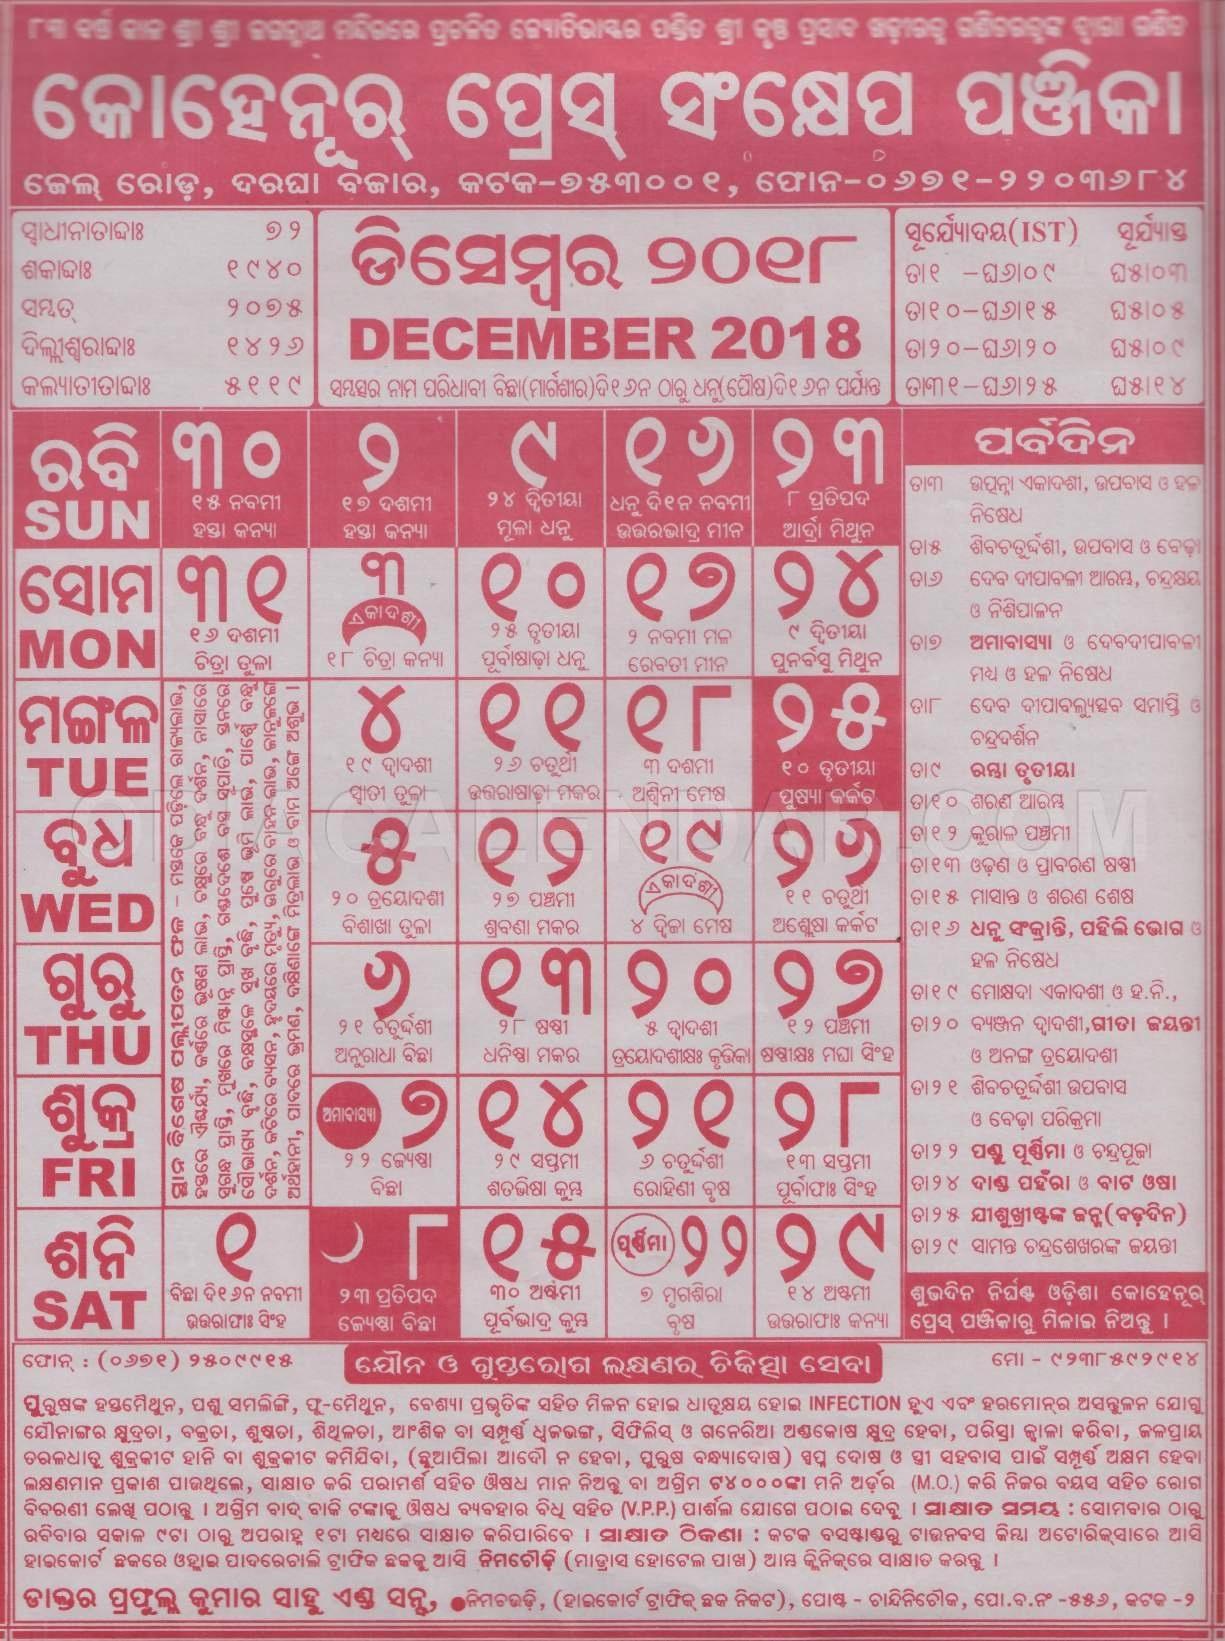 Odia Calendar 2020 March - ଓଡ଼ିଆ କ୍ୟାଲେଣ୍ଡର 2019